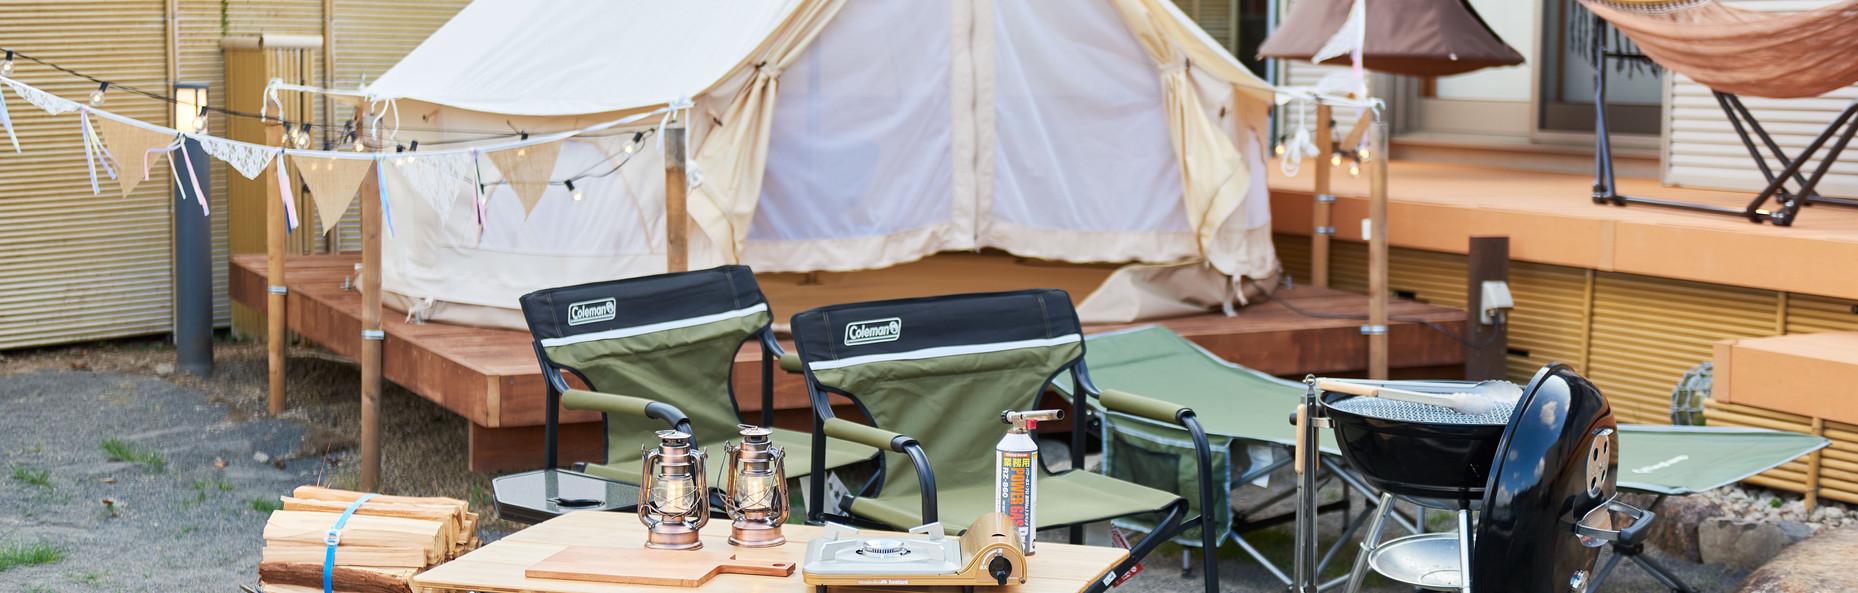 キャンプスペース